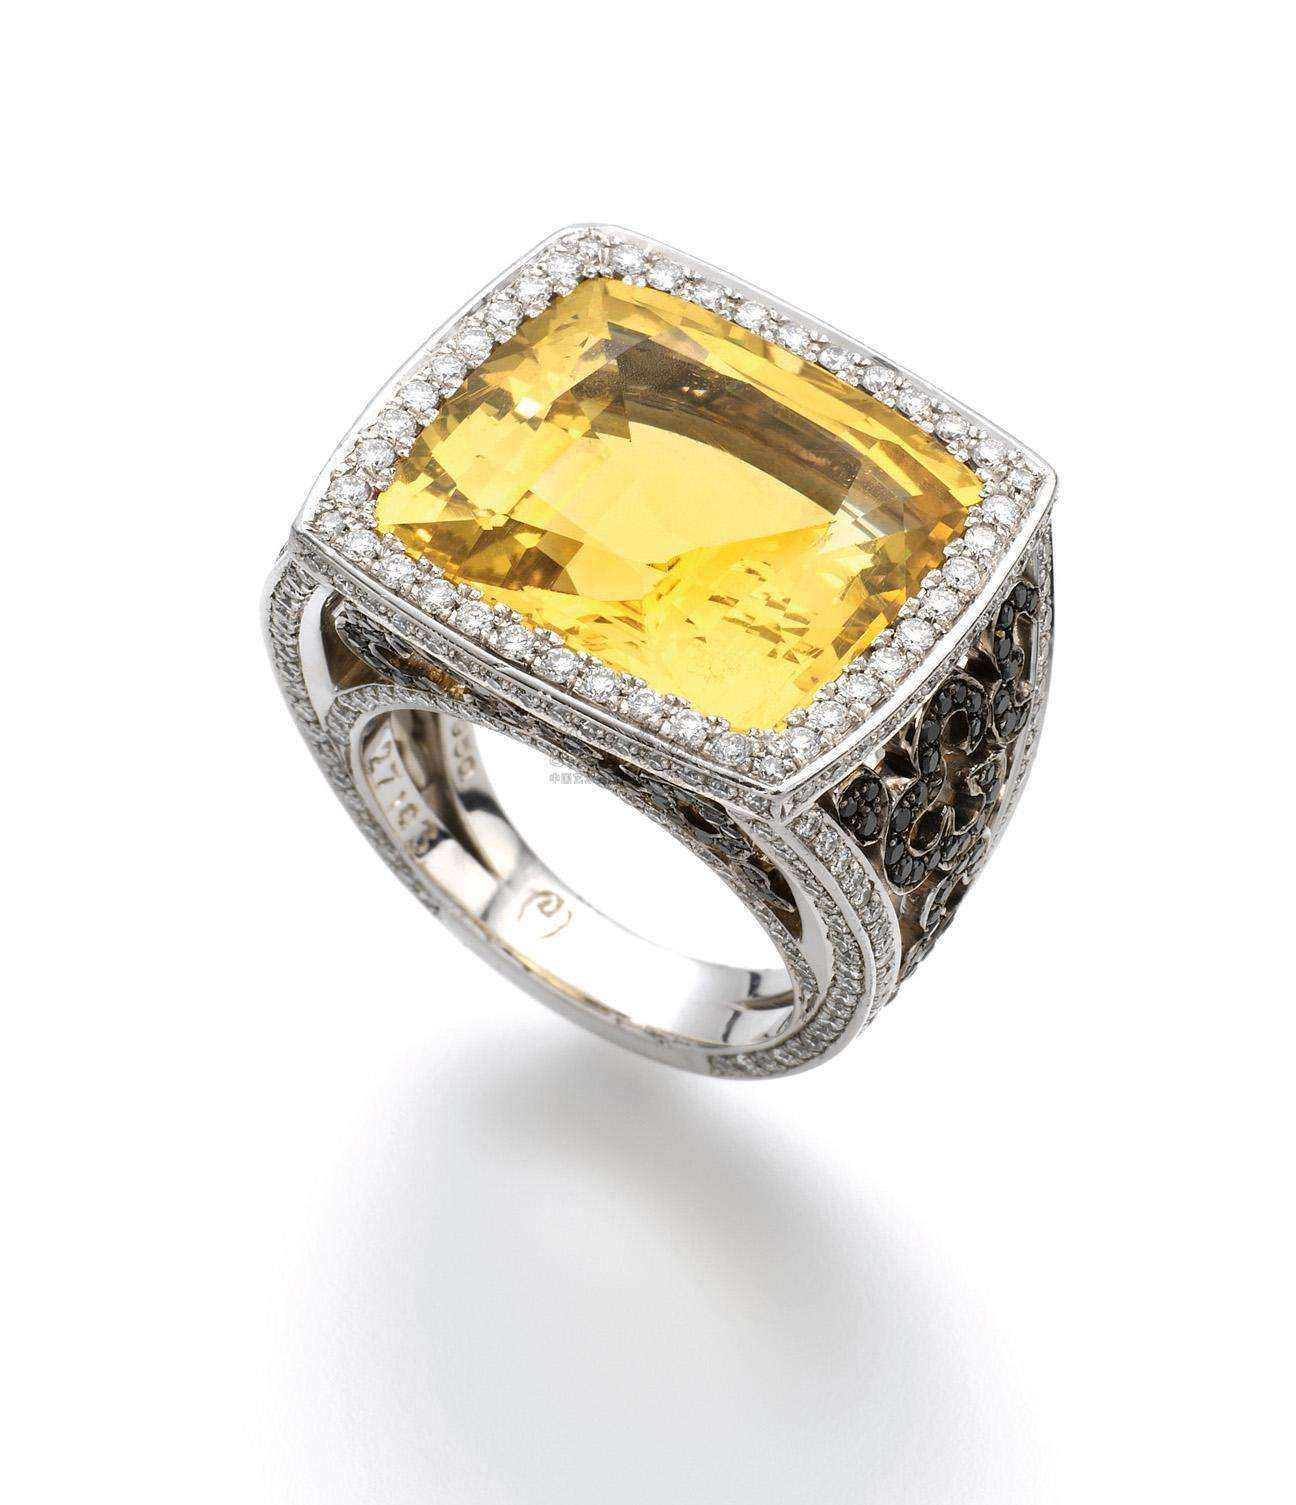 尖晶石,水晶,珠宝